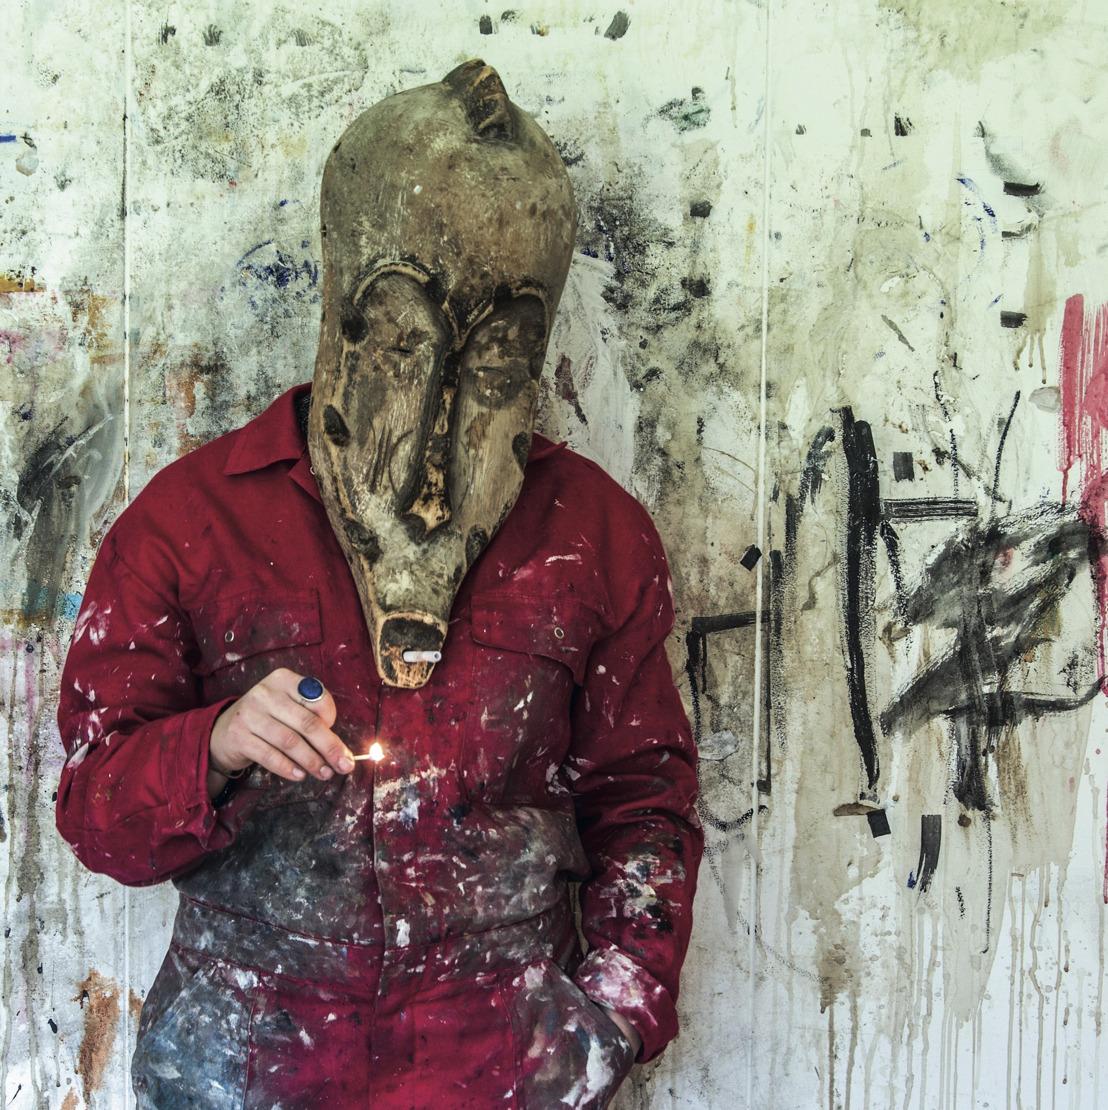 Young Belgian artist exhibits in 'Banksy hotel'